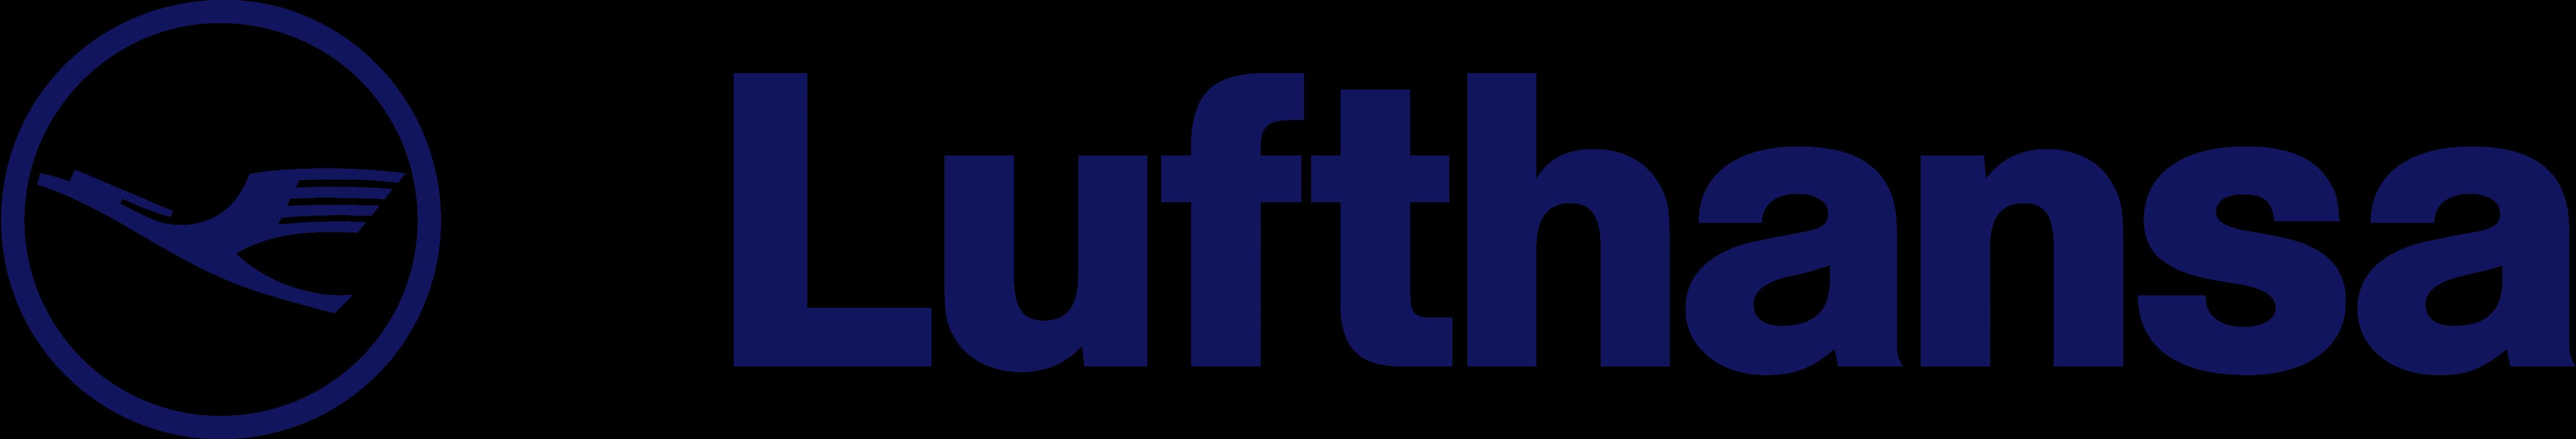 Lufthansa_emblem_3